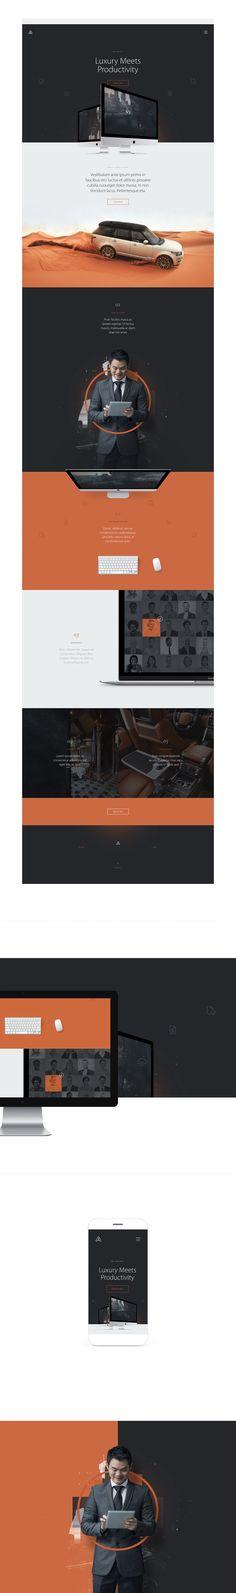 https://www.behance.net/gallery/30000311/Luxury-Meets-Productivity